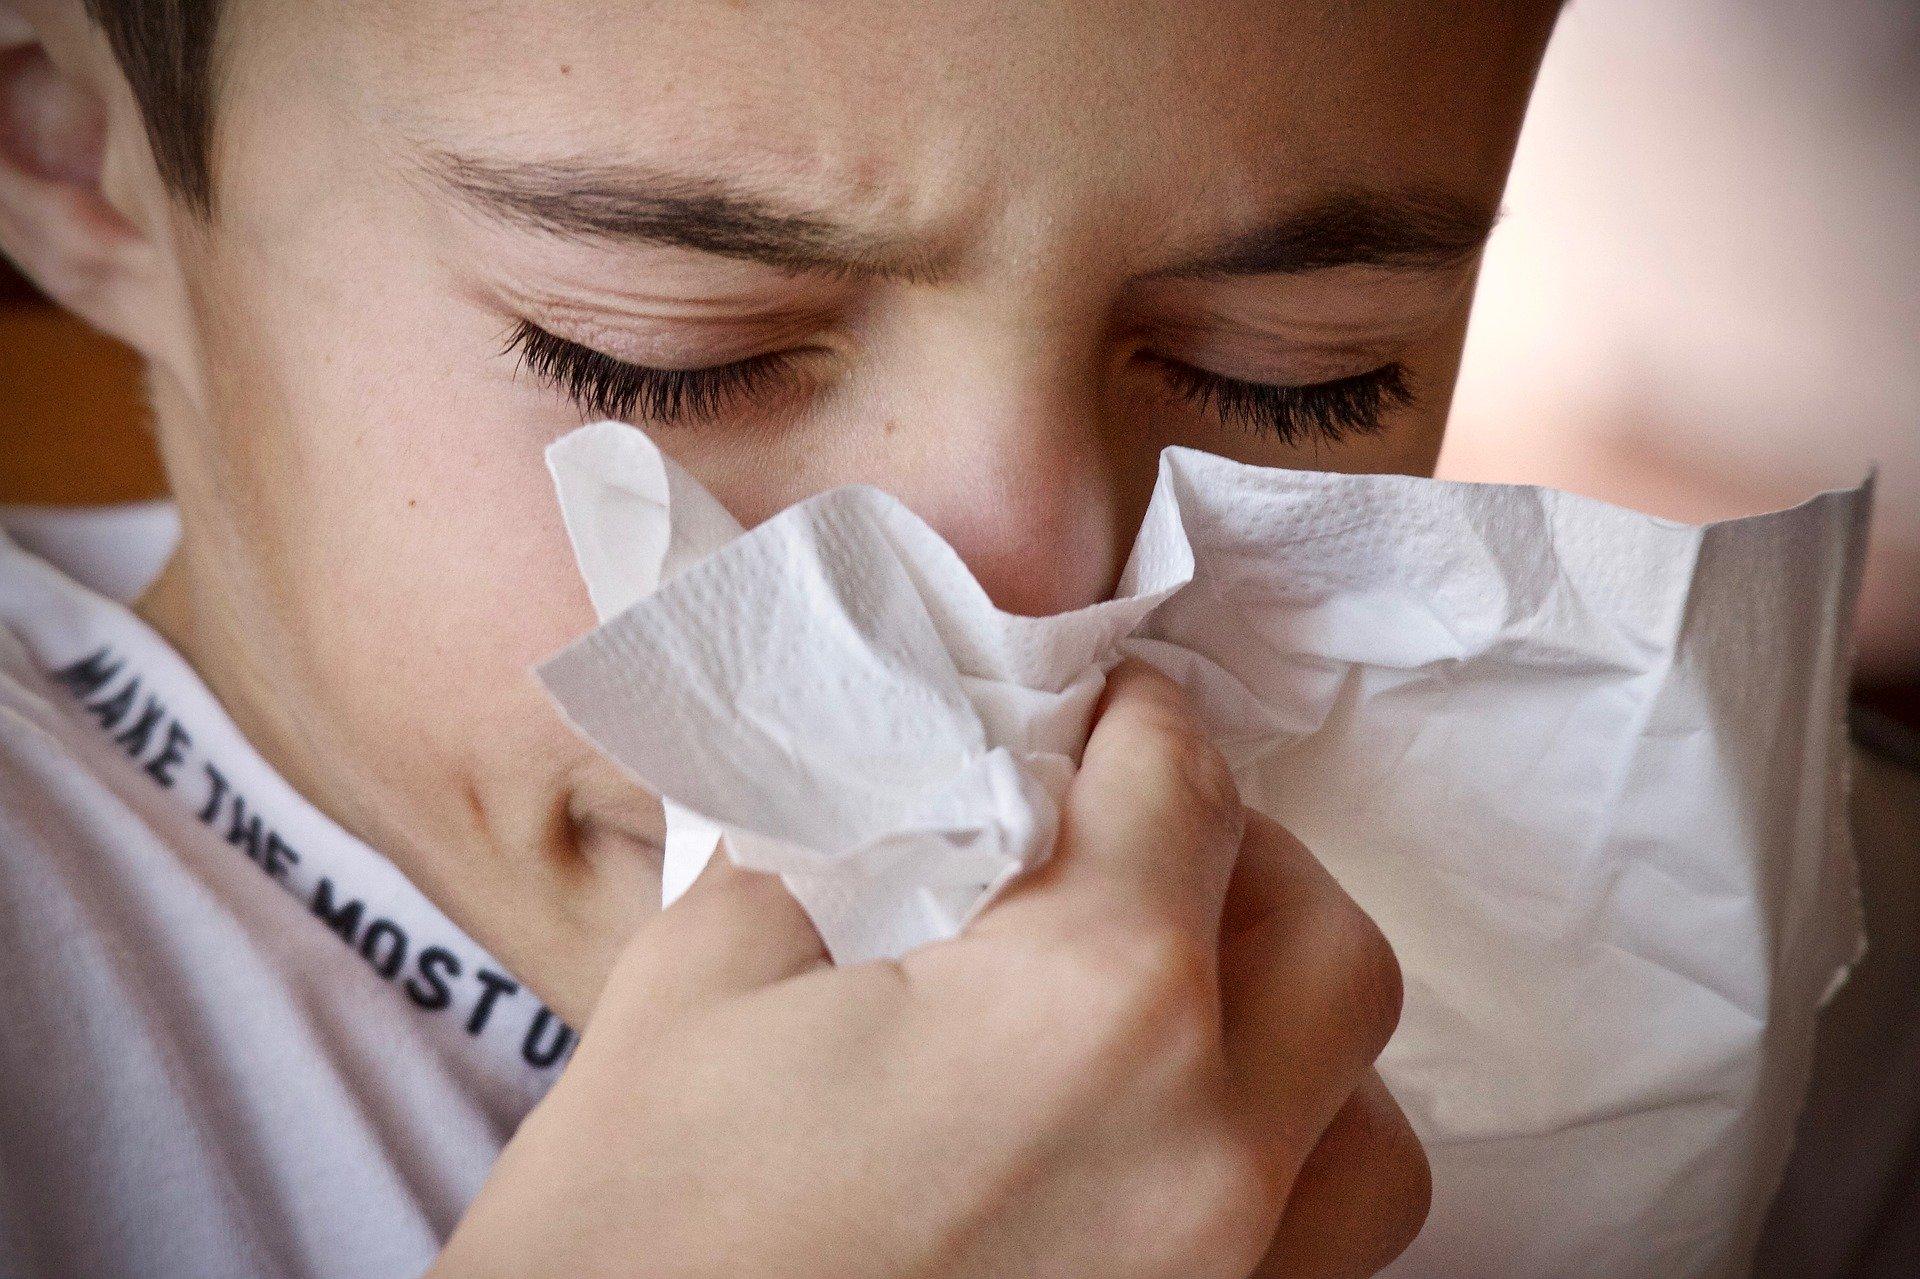 Coughing due to coronavirus